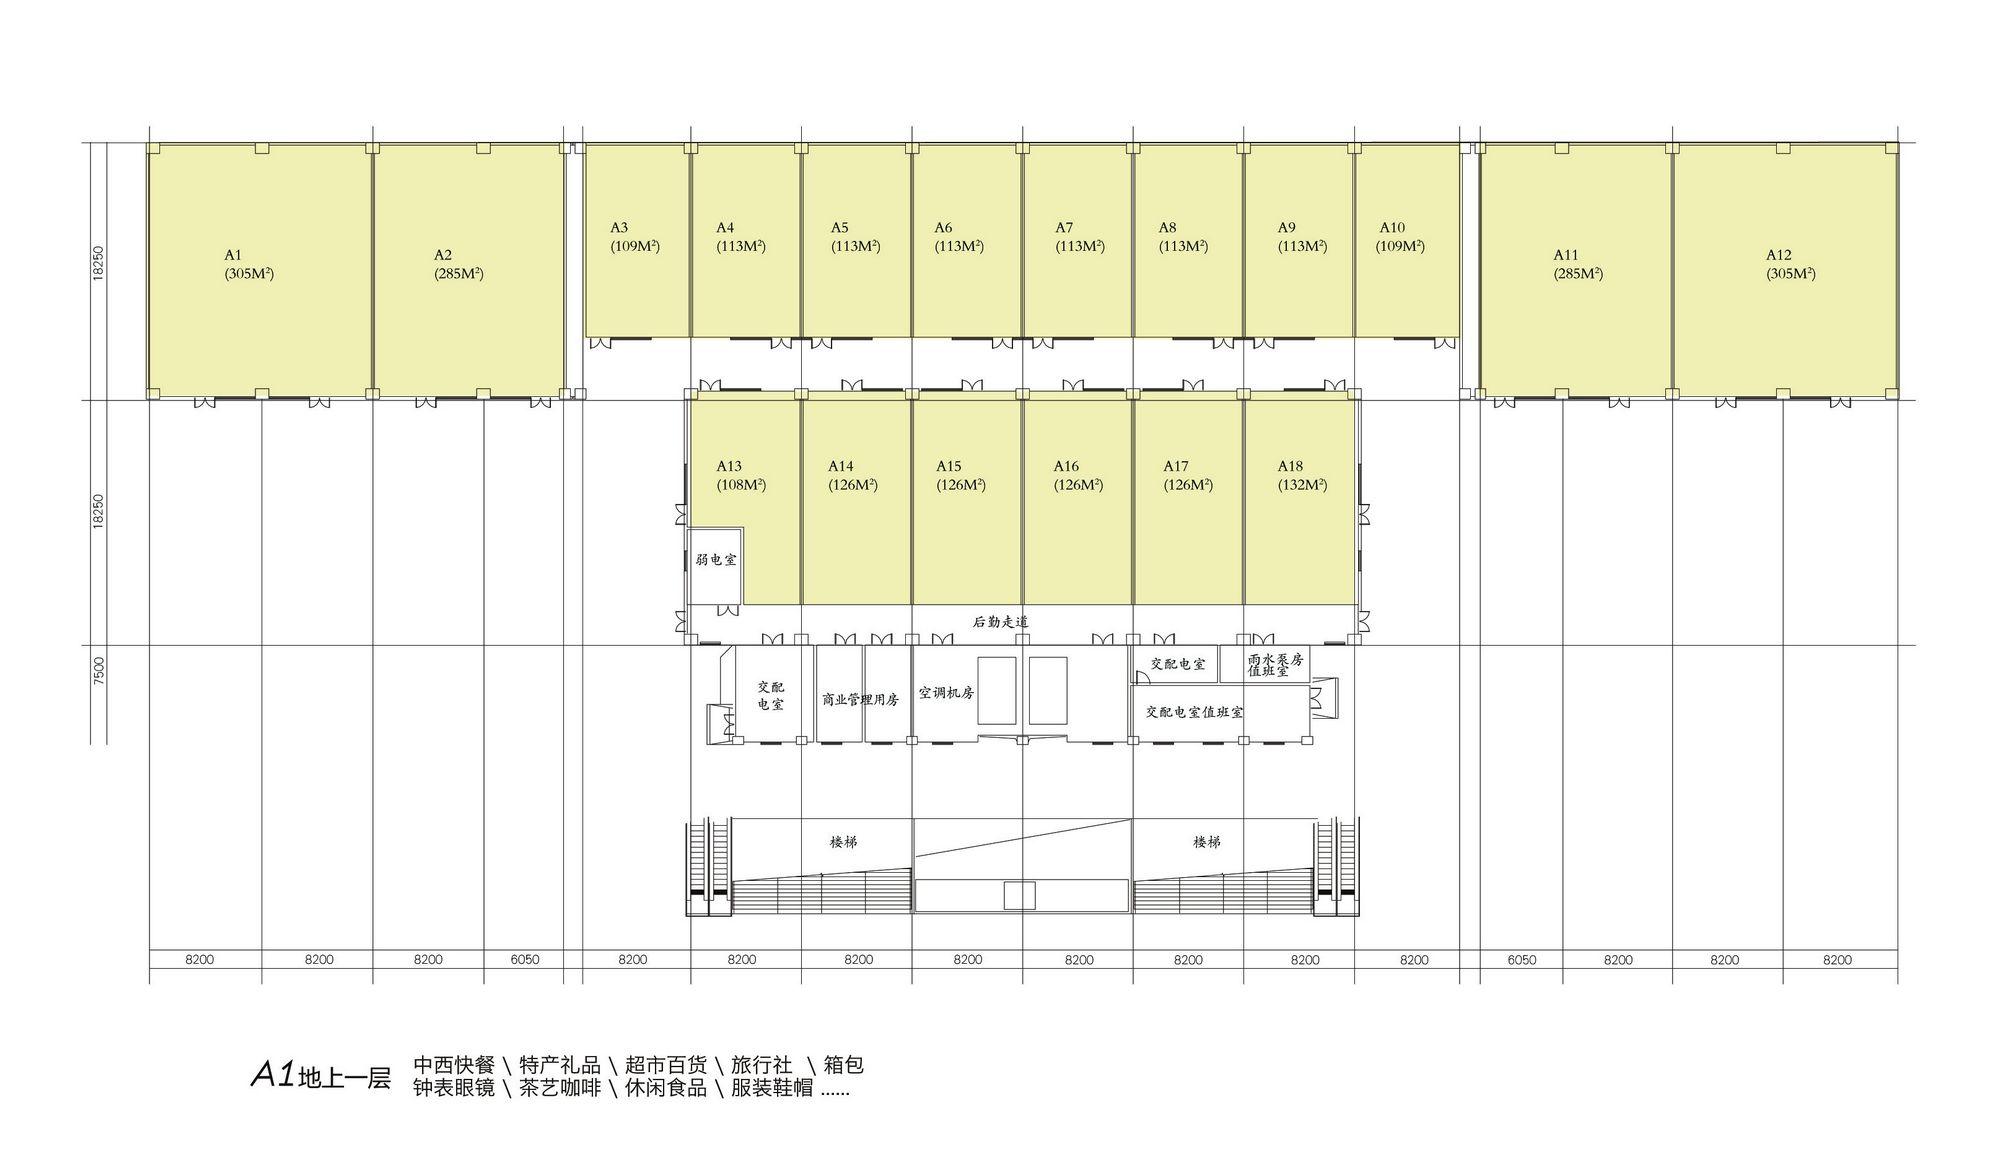 > 最新的秦皇岛火车站建成效果图及底商分布图首度公开(多图)   地下